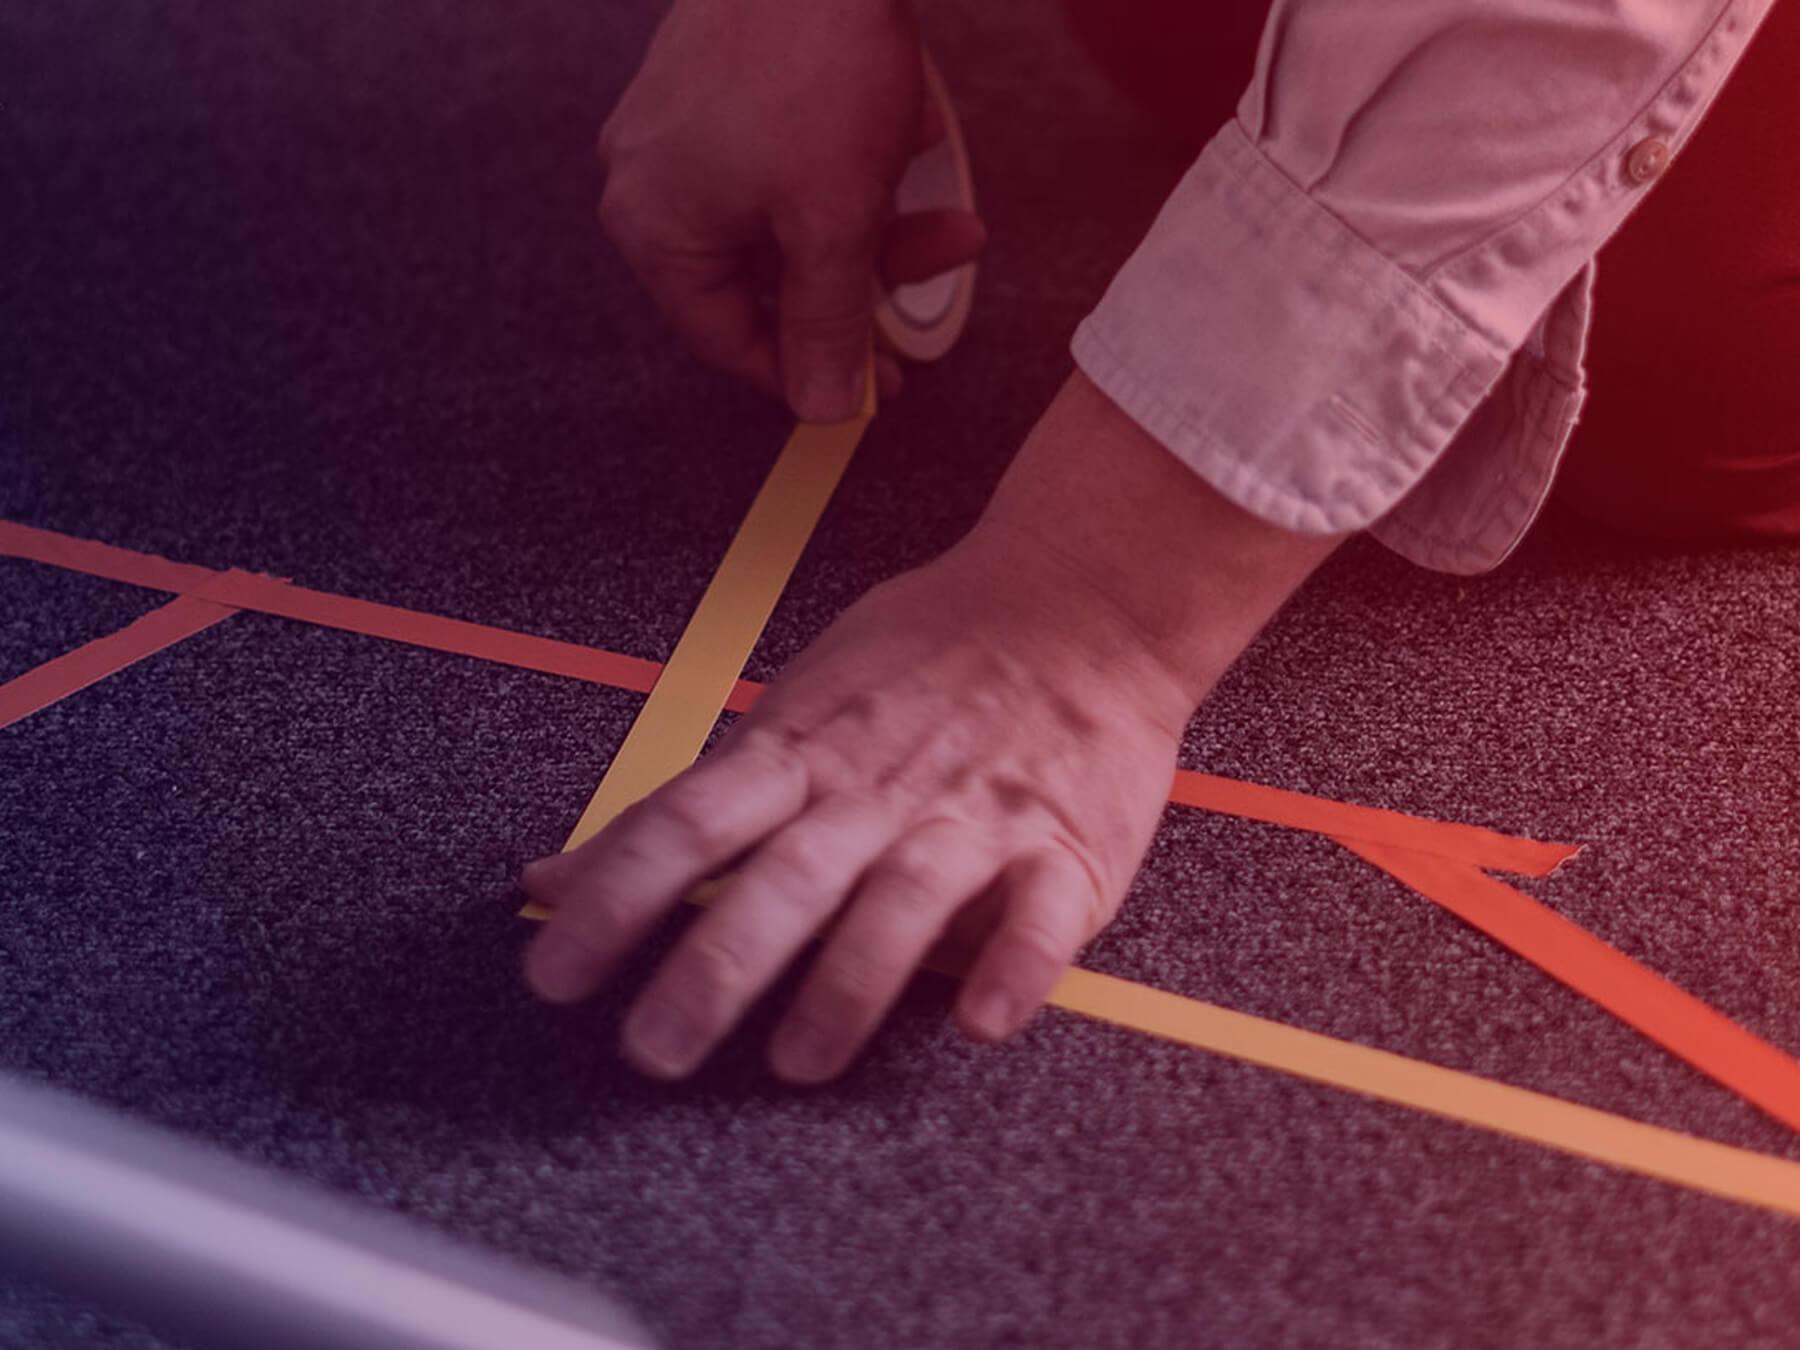 Bild einer Hand, die Streifen auf den Boden klebt